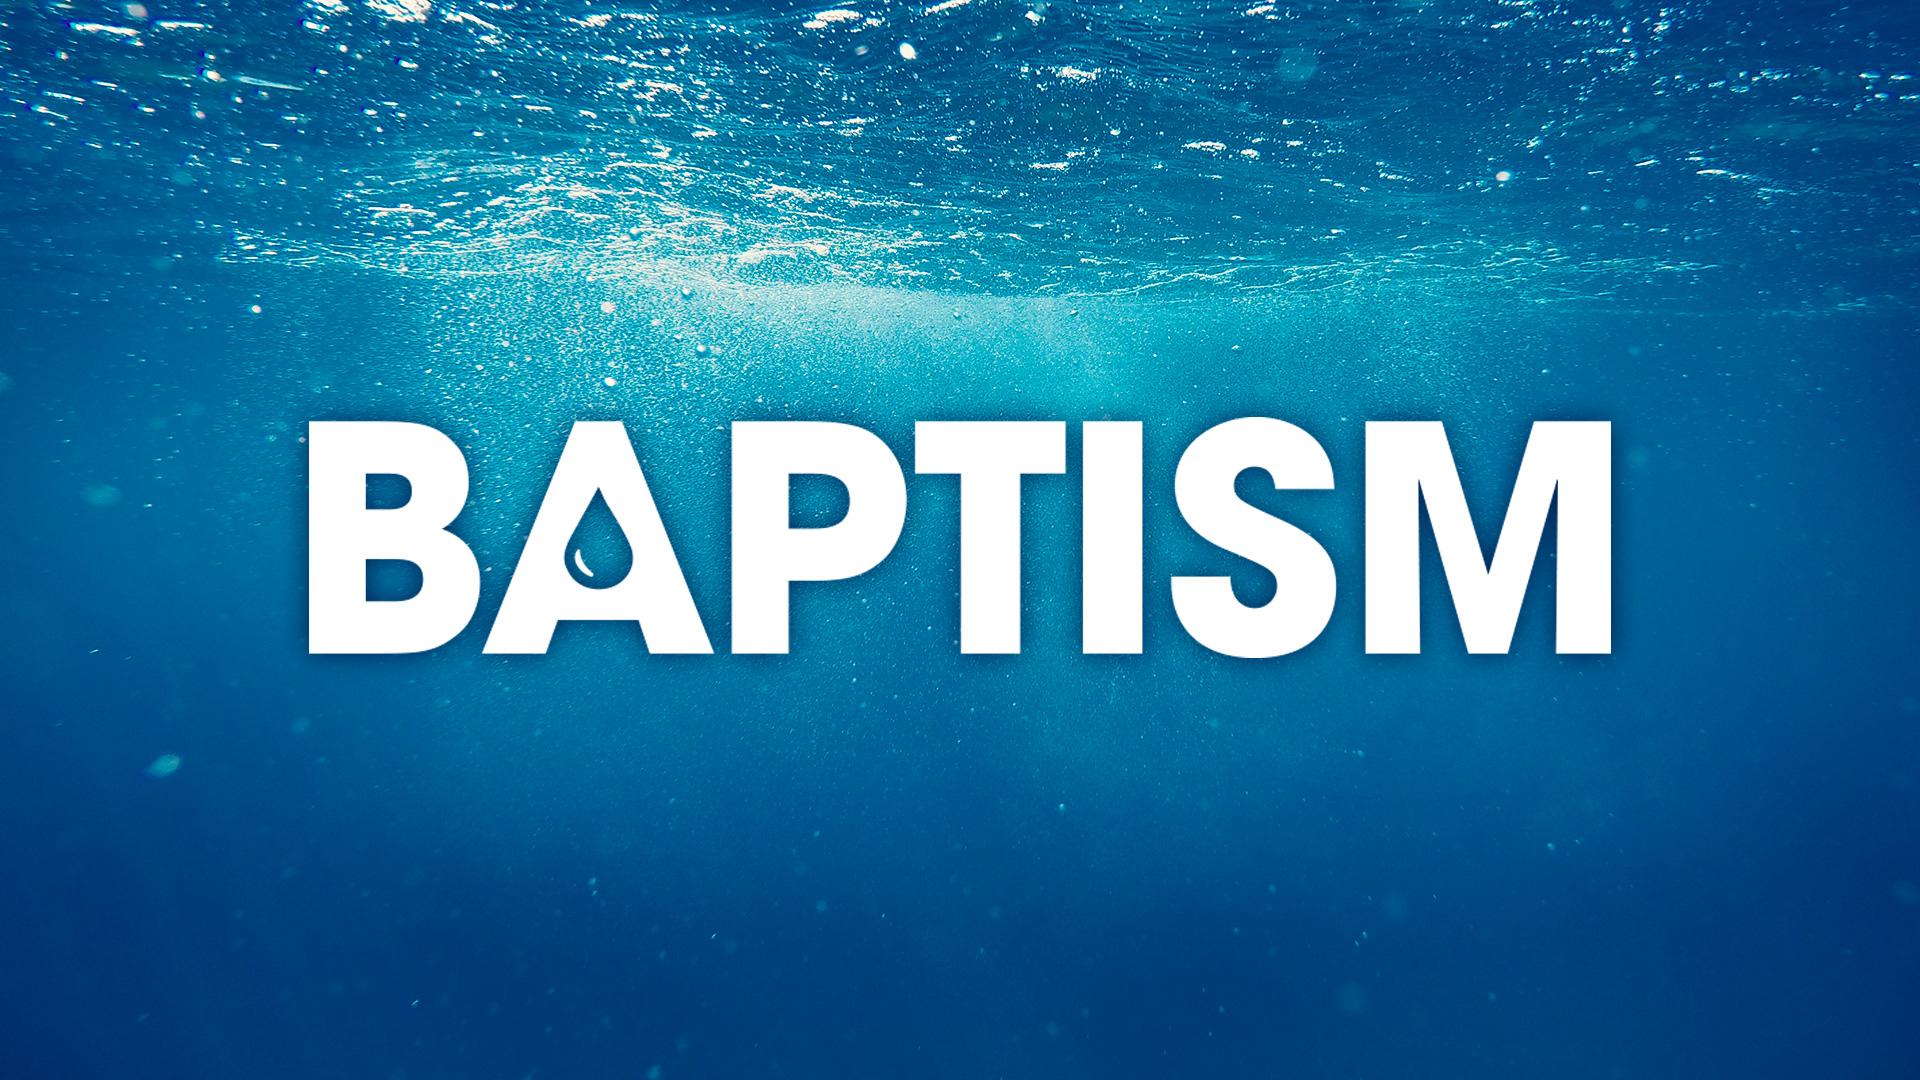 Baptism slide 1920x1080 title